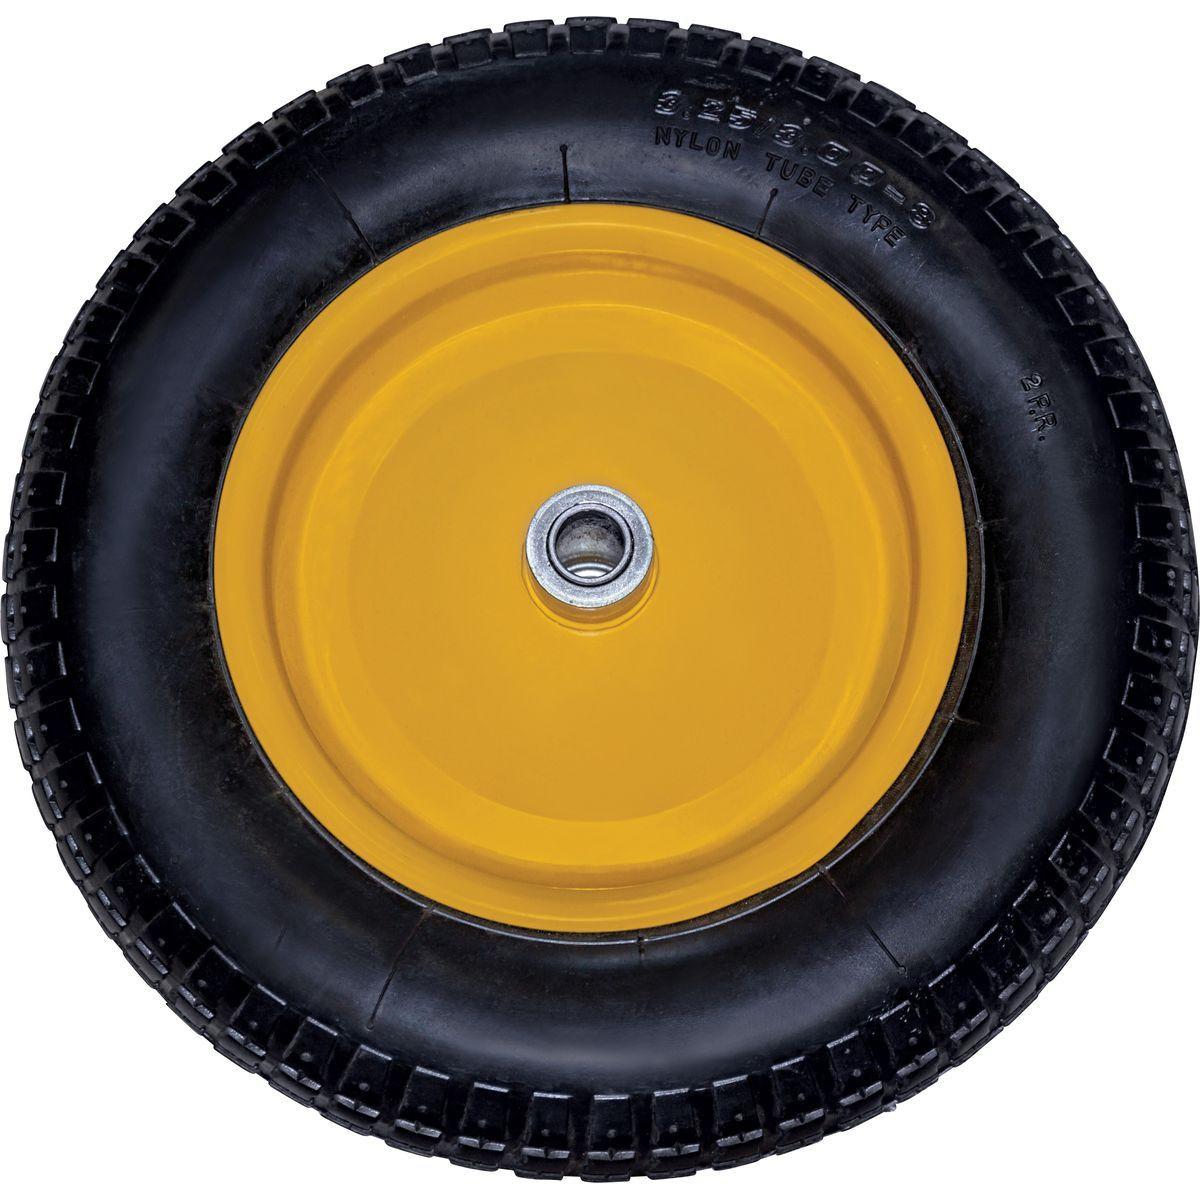 Запасное колесо для тачки Park WB5302, 092807, желтый, 350 мм автохолодильник mercy park 350 550 750 950 e50 w5